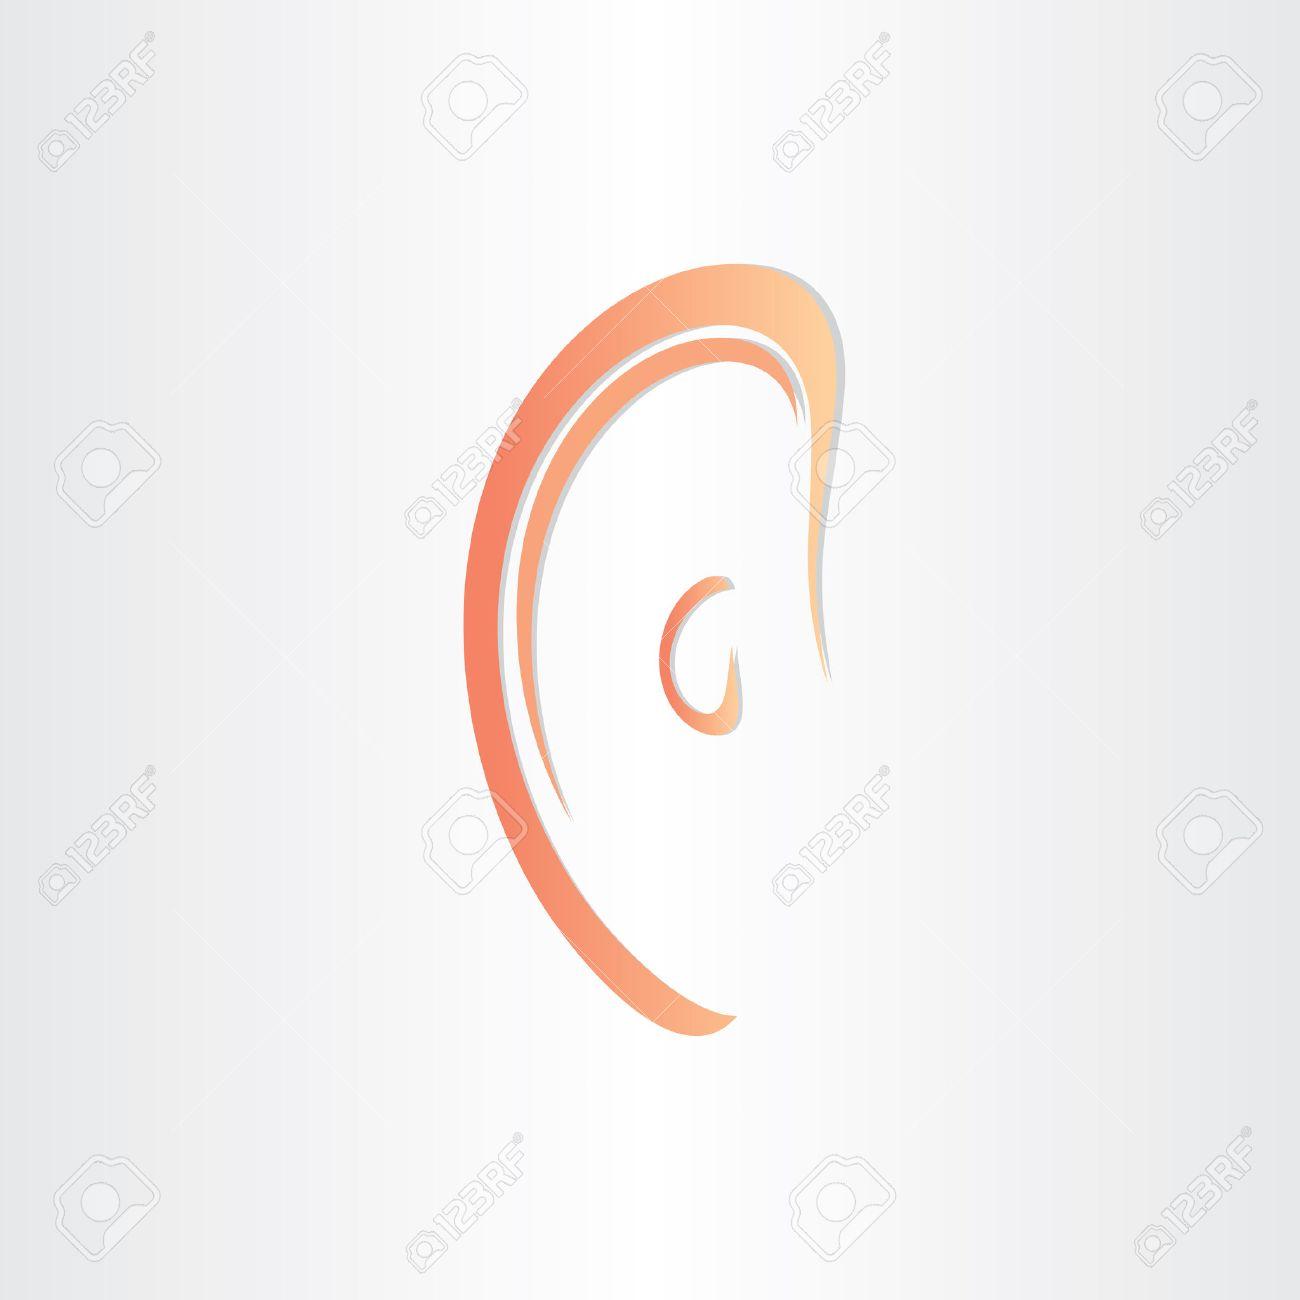 Organ Des Menschen Ohr Hören Stilisierte Icon Design Lizenzfrei ...